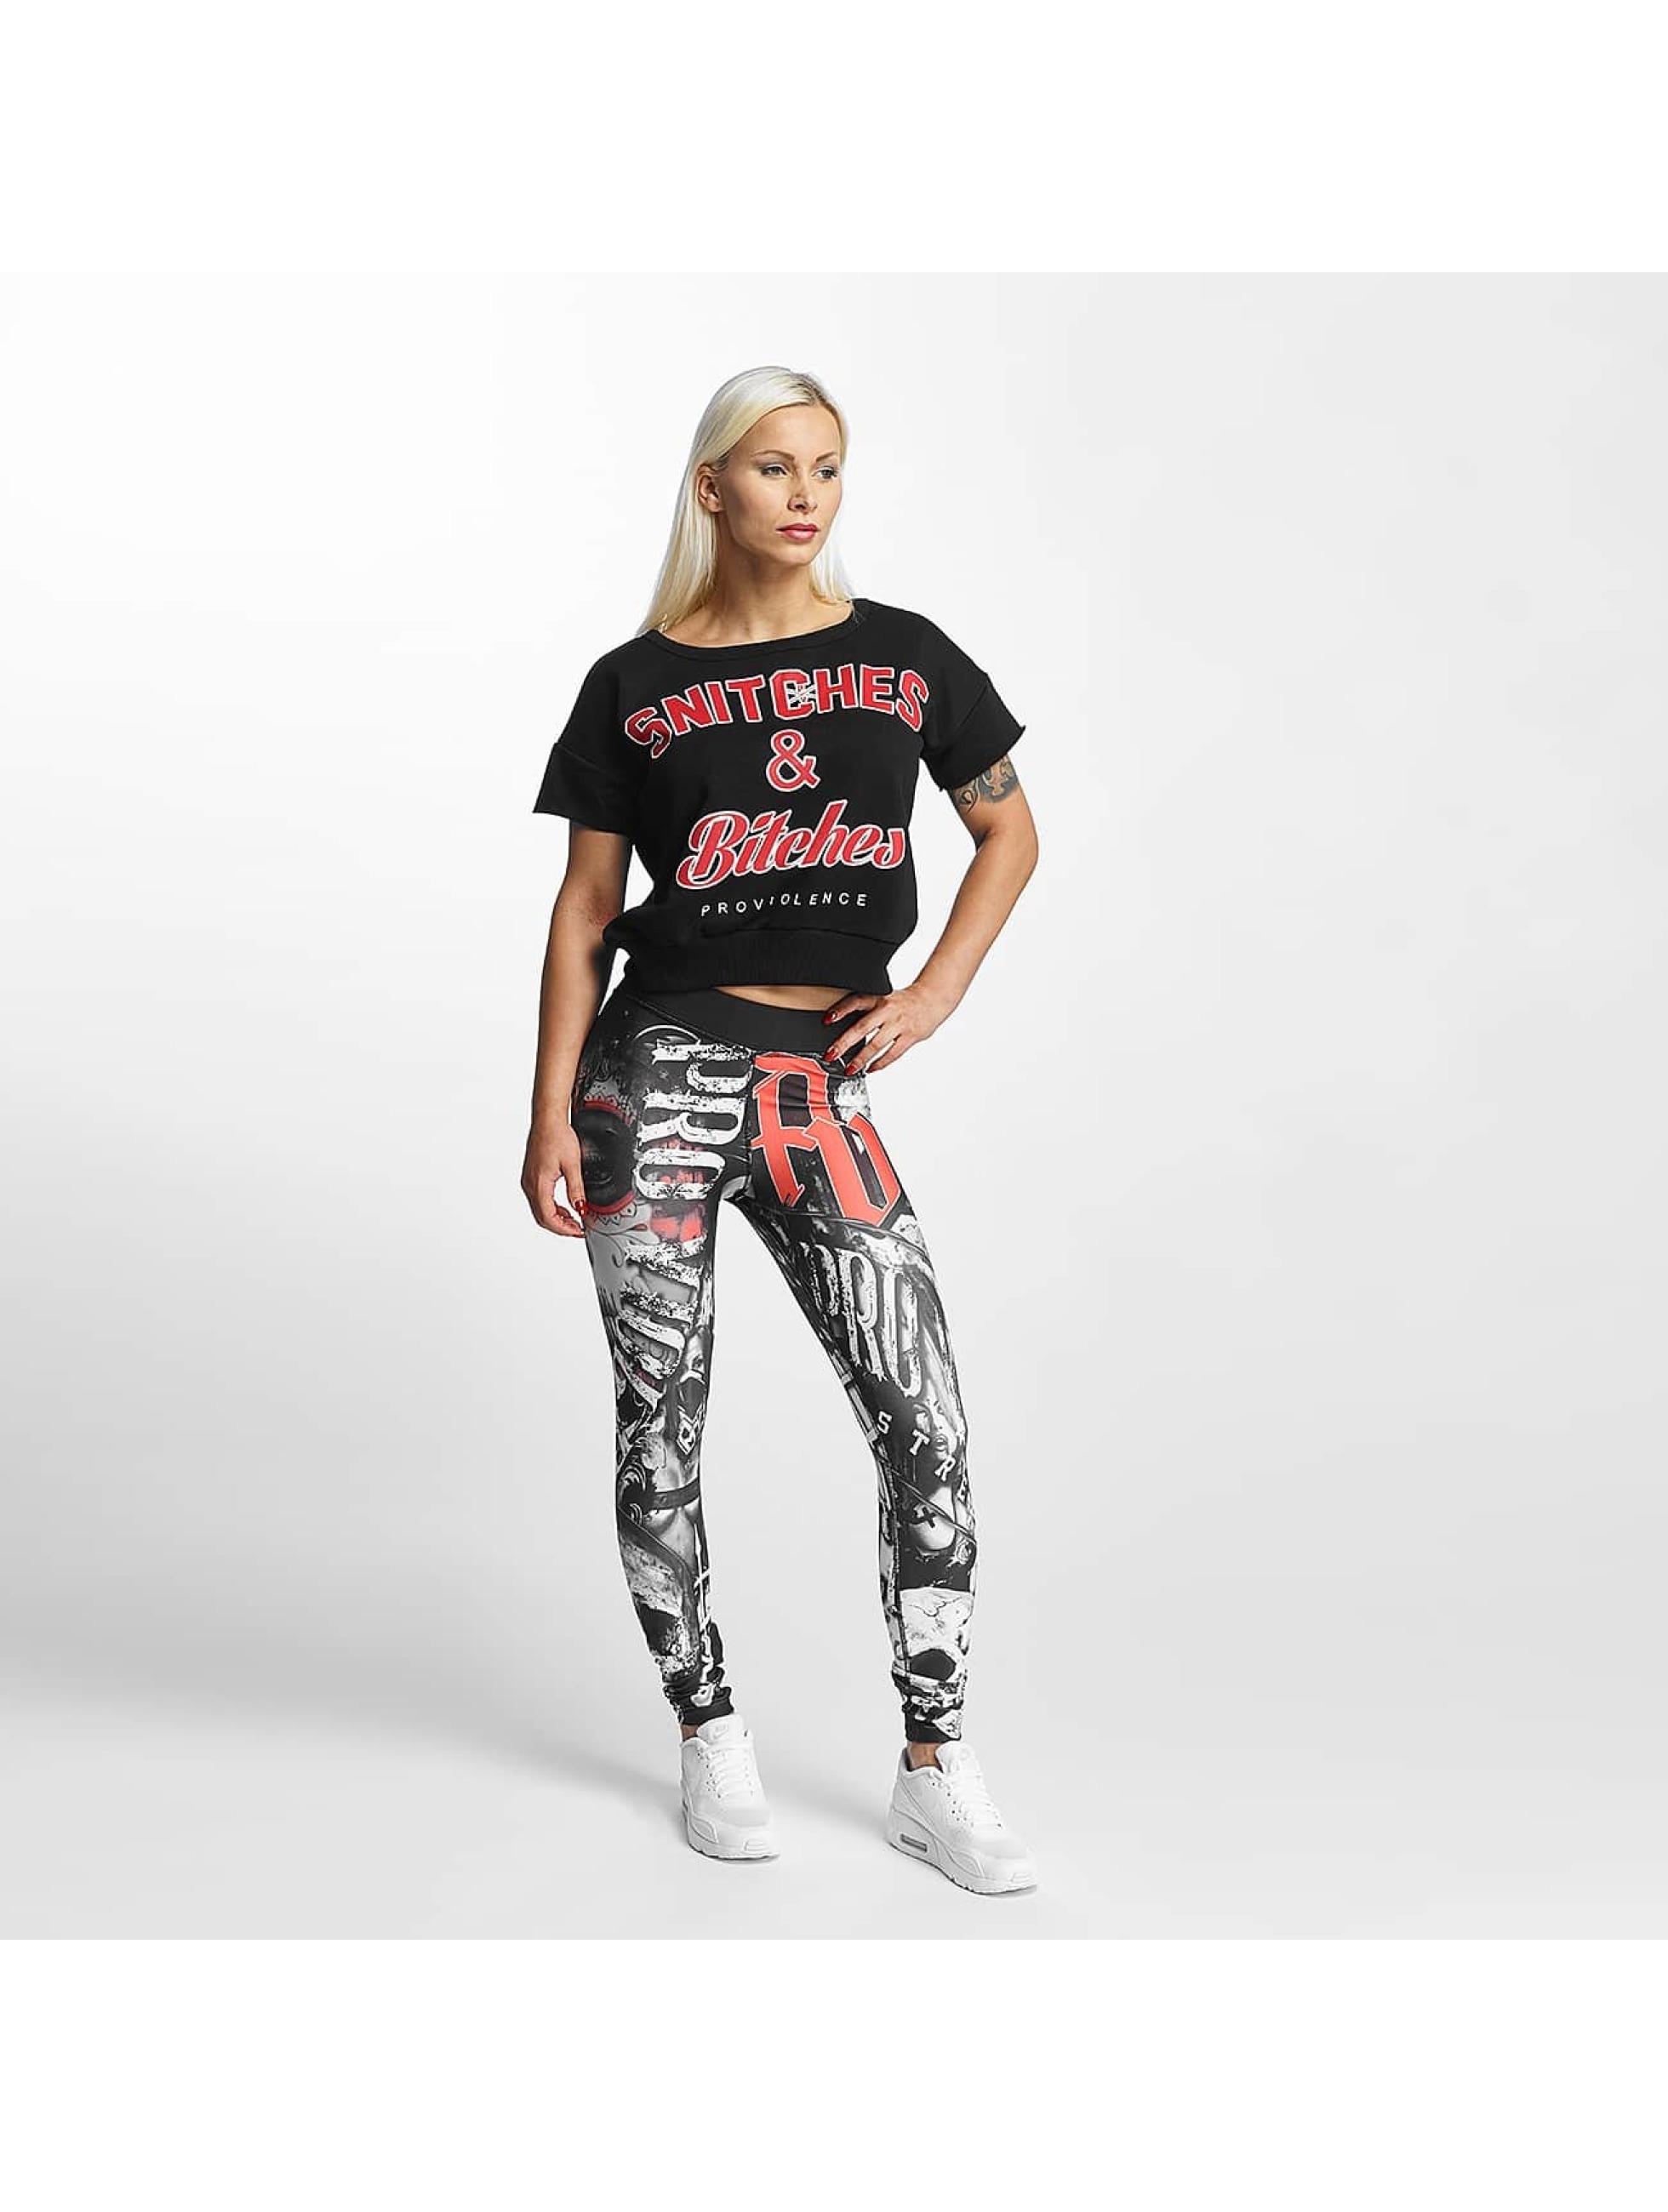 Pro Violence Streetwear Tričká Snitches & Bitches èierna